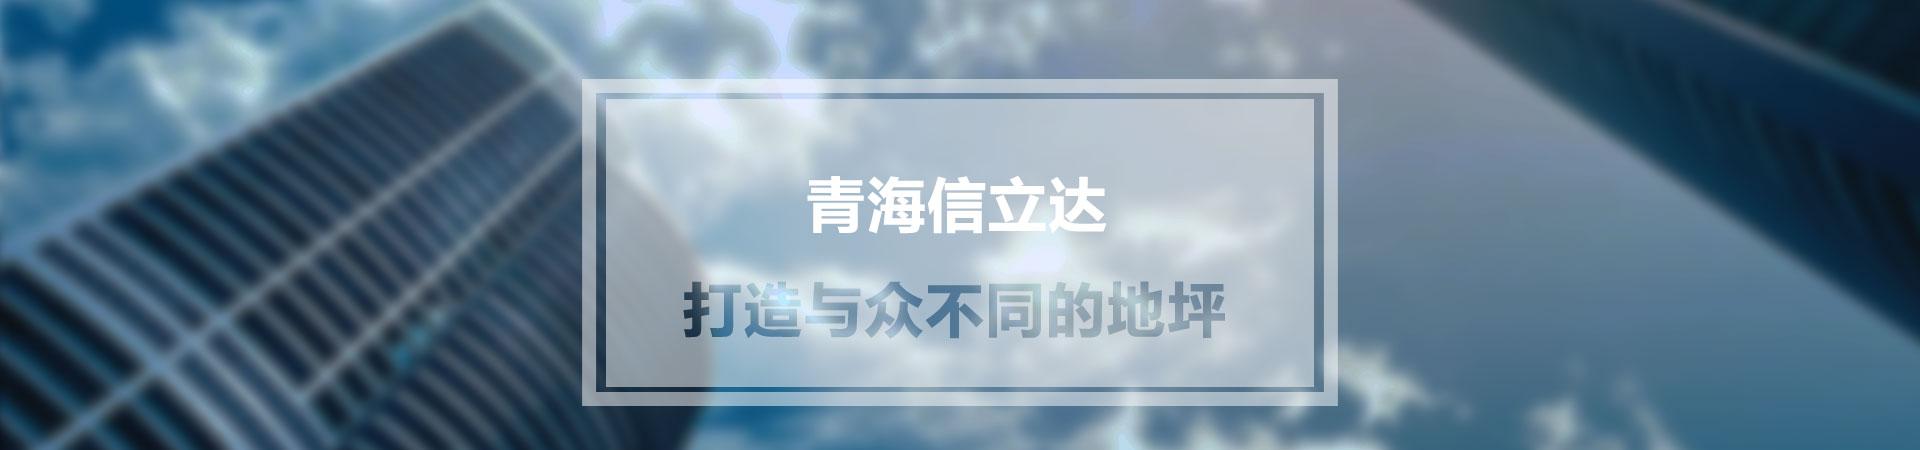 青海手机九游会